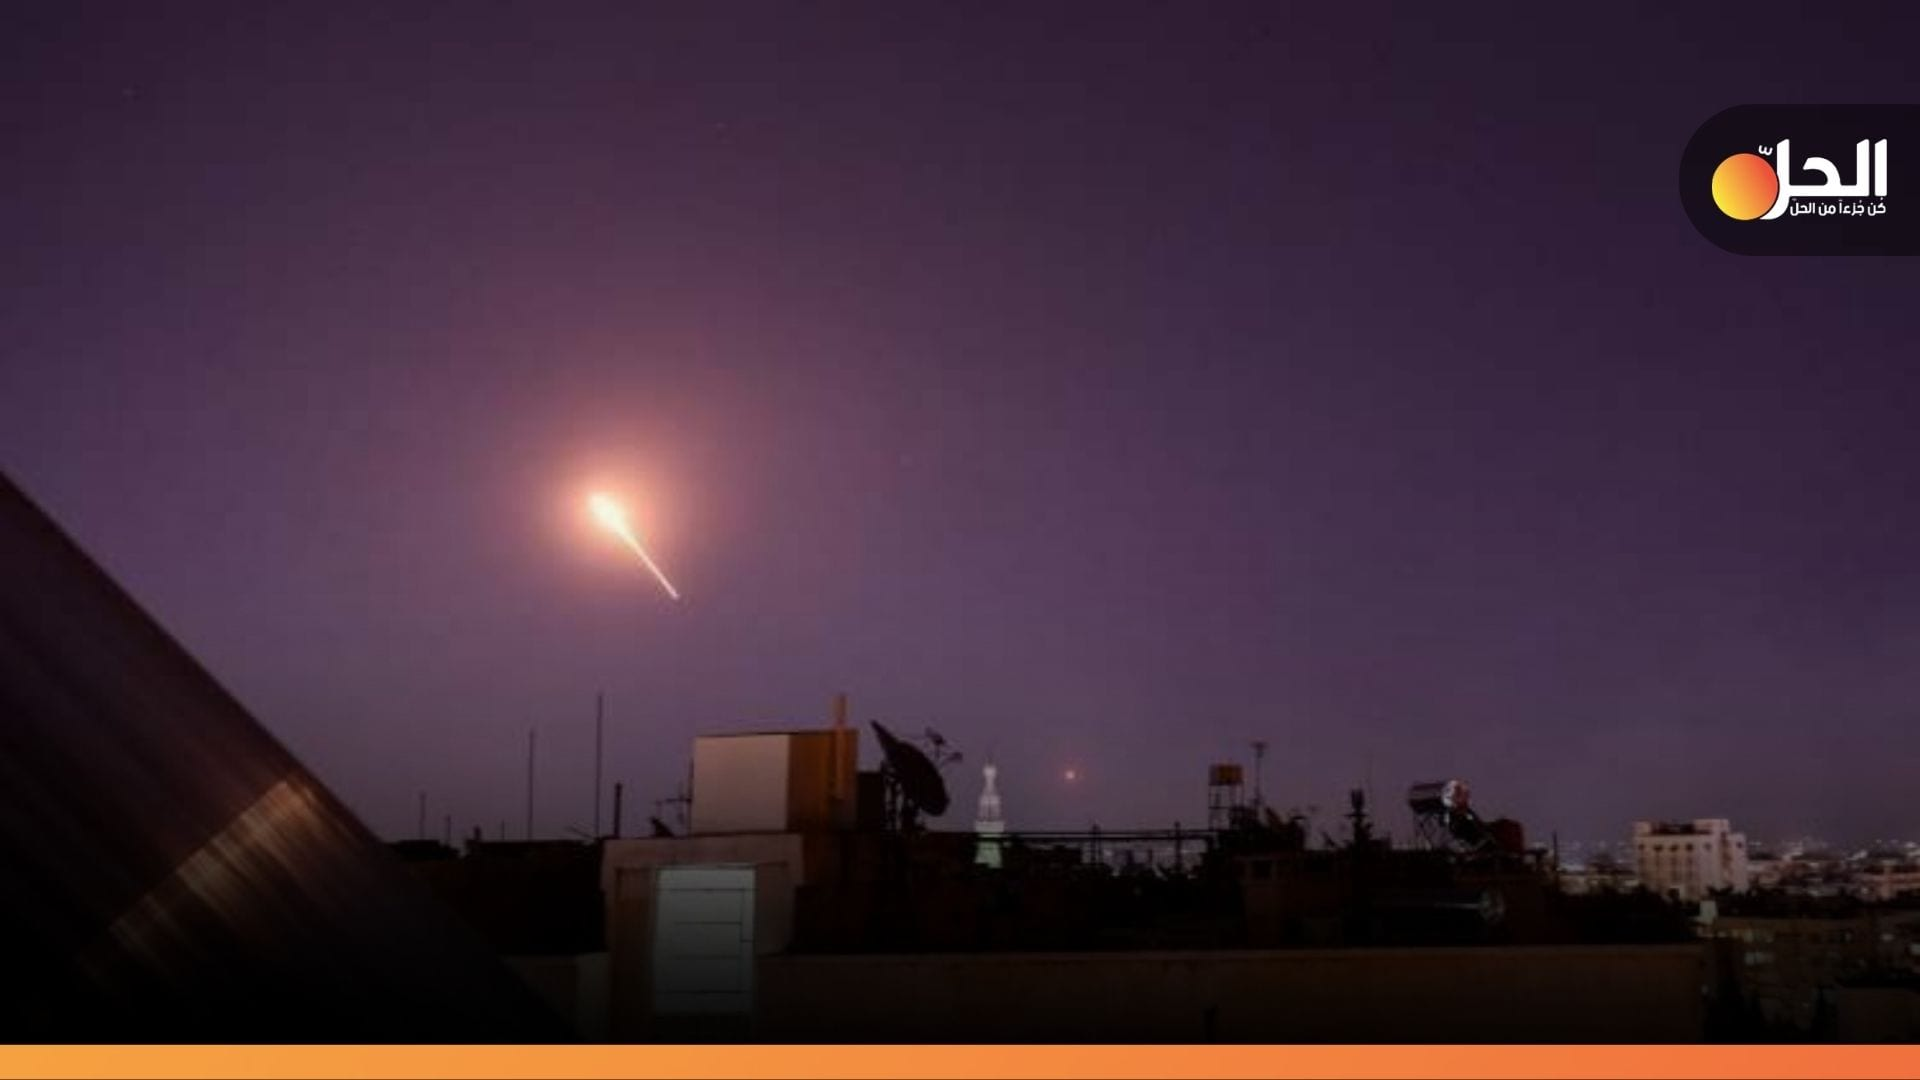 جنرال إسرائيلي ضرباتنا فعالة وتحمل رسالة إلى الأسد